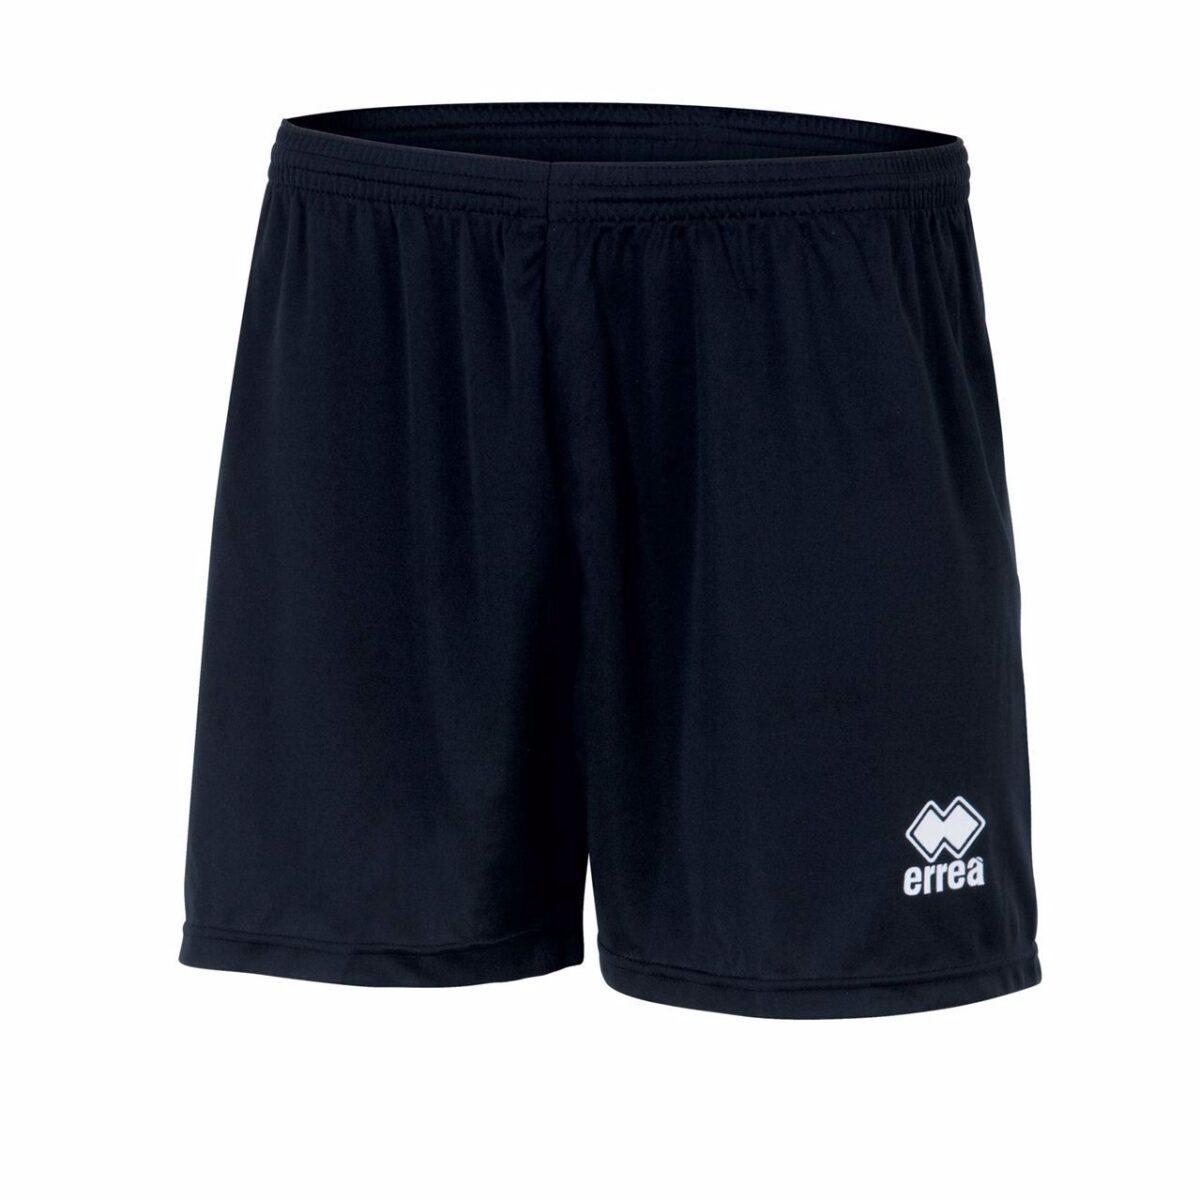 Errea New Skin Junior Shorts A245